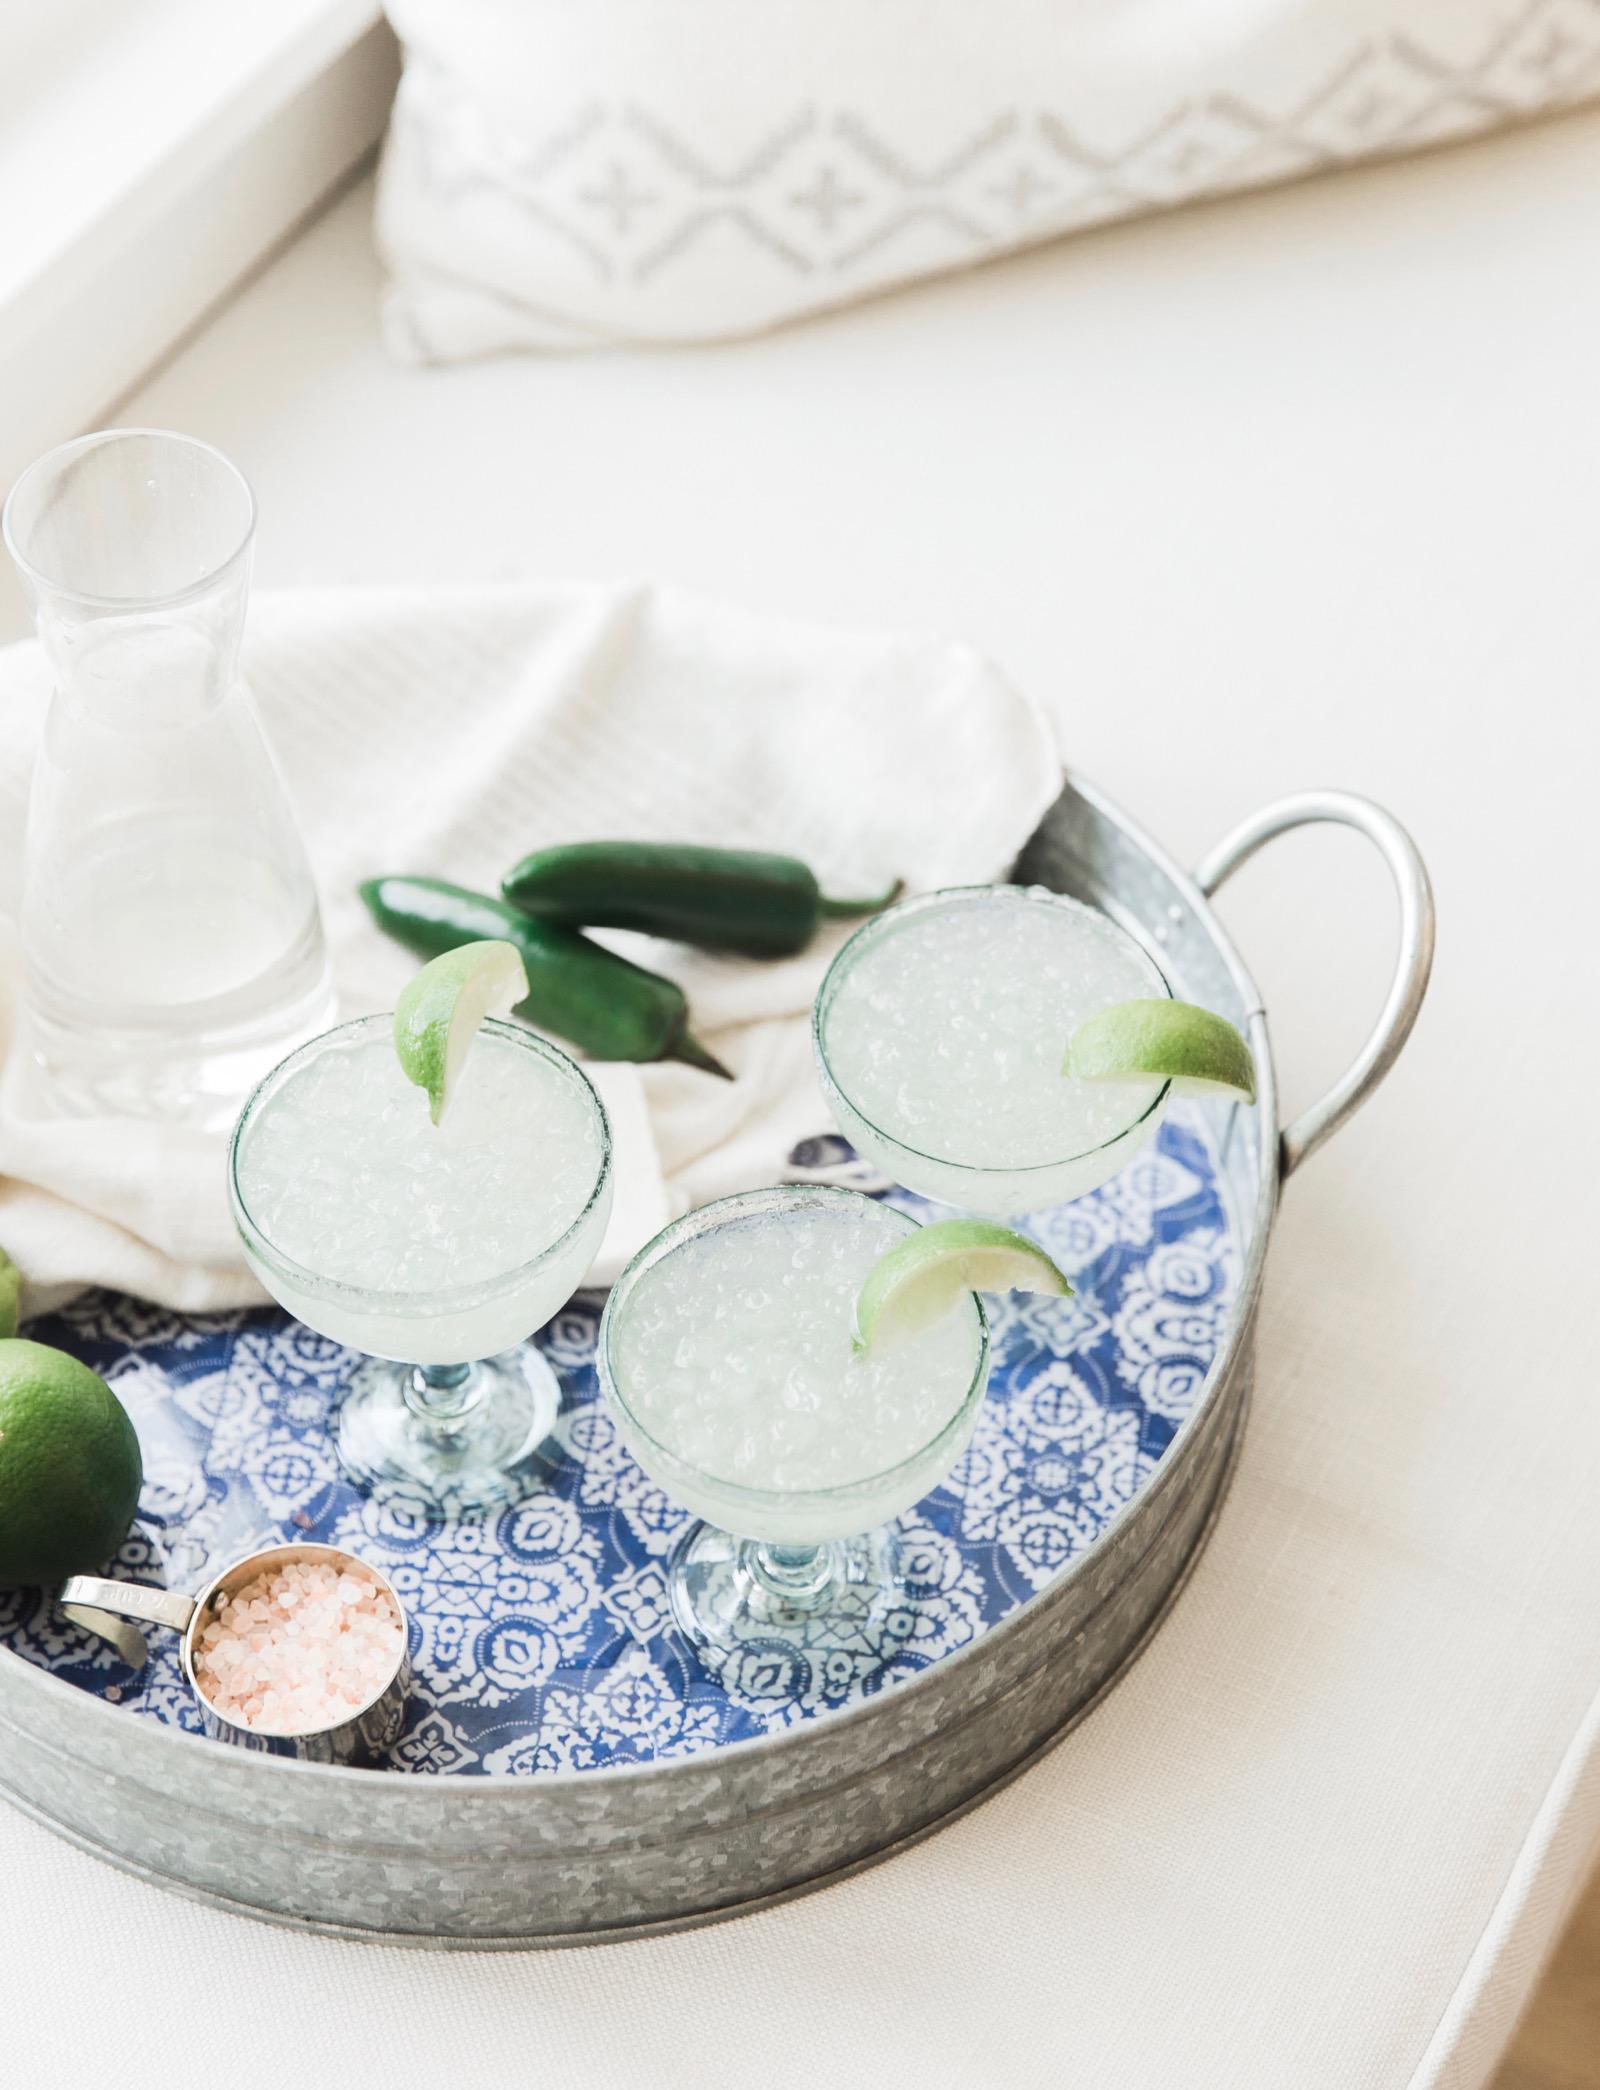 The Best Simple Margarita Recipe